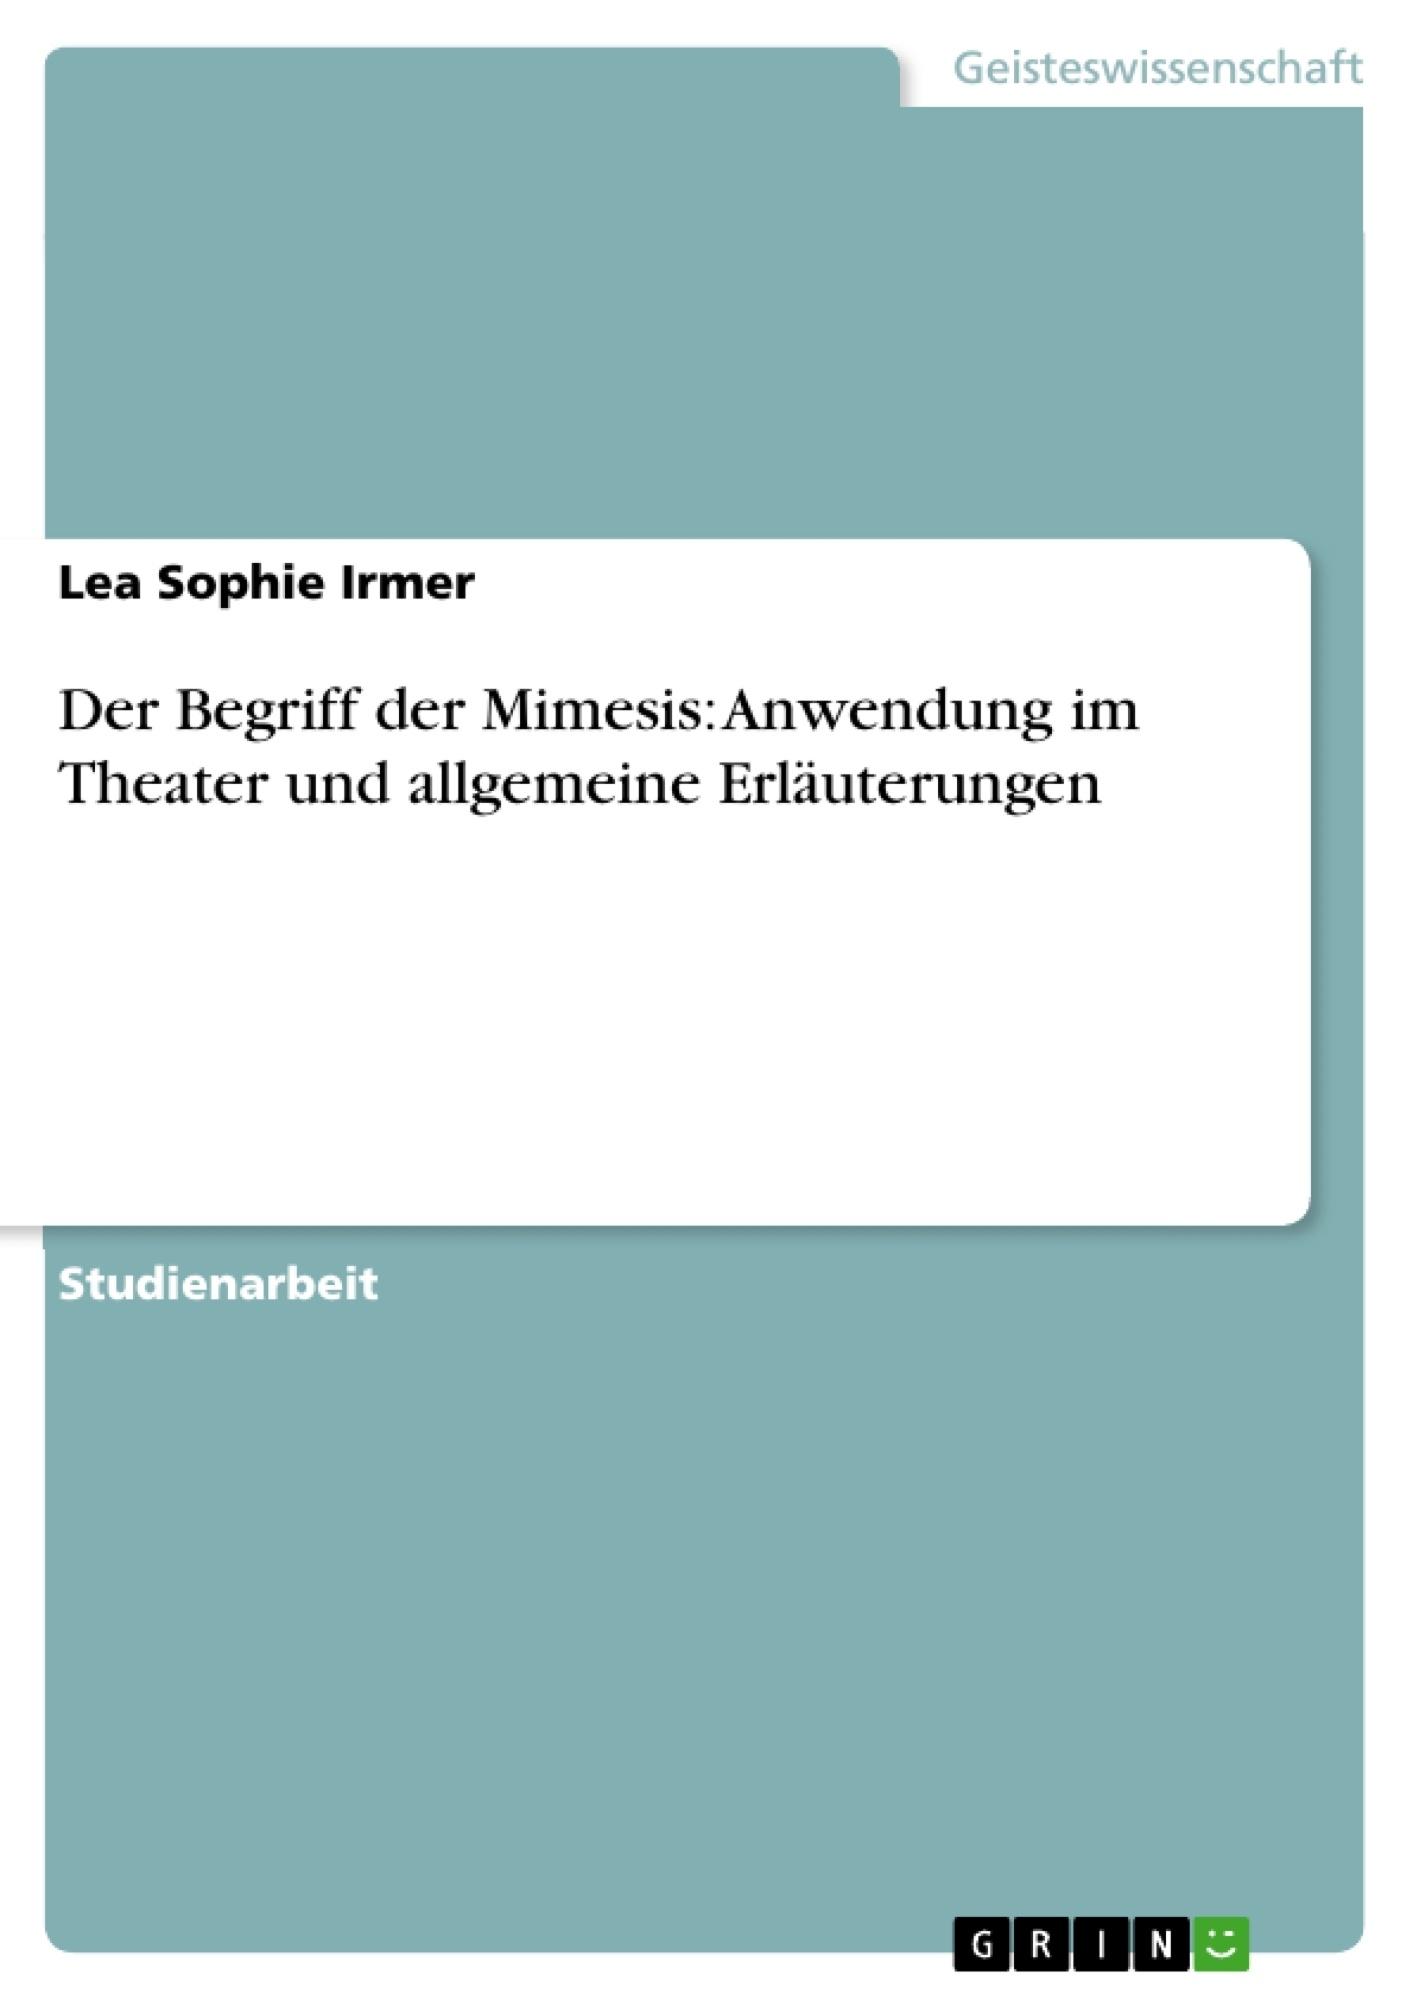 Titel: Der Begriff der Mimesis: Anwendung im Theater und allgemeine Erläuterungen